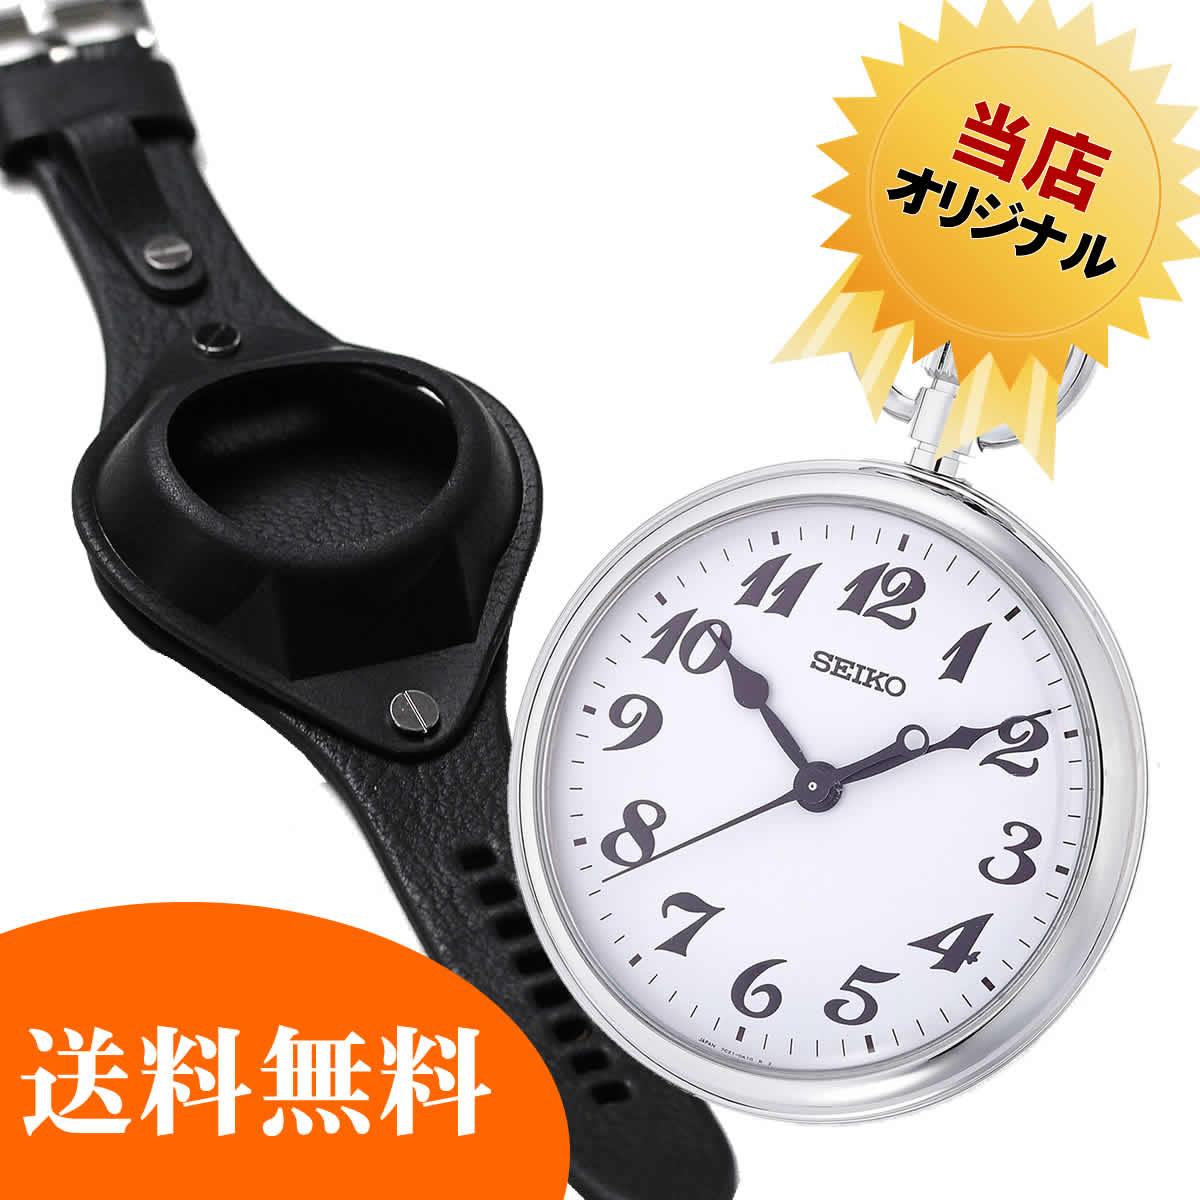 懐中時計 腕時計ベルトと懐中時計のセット